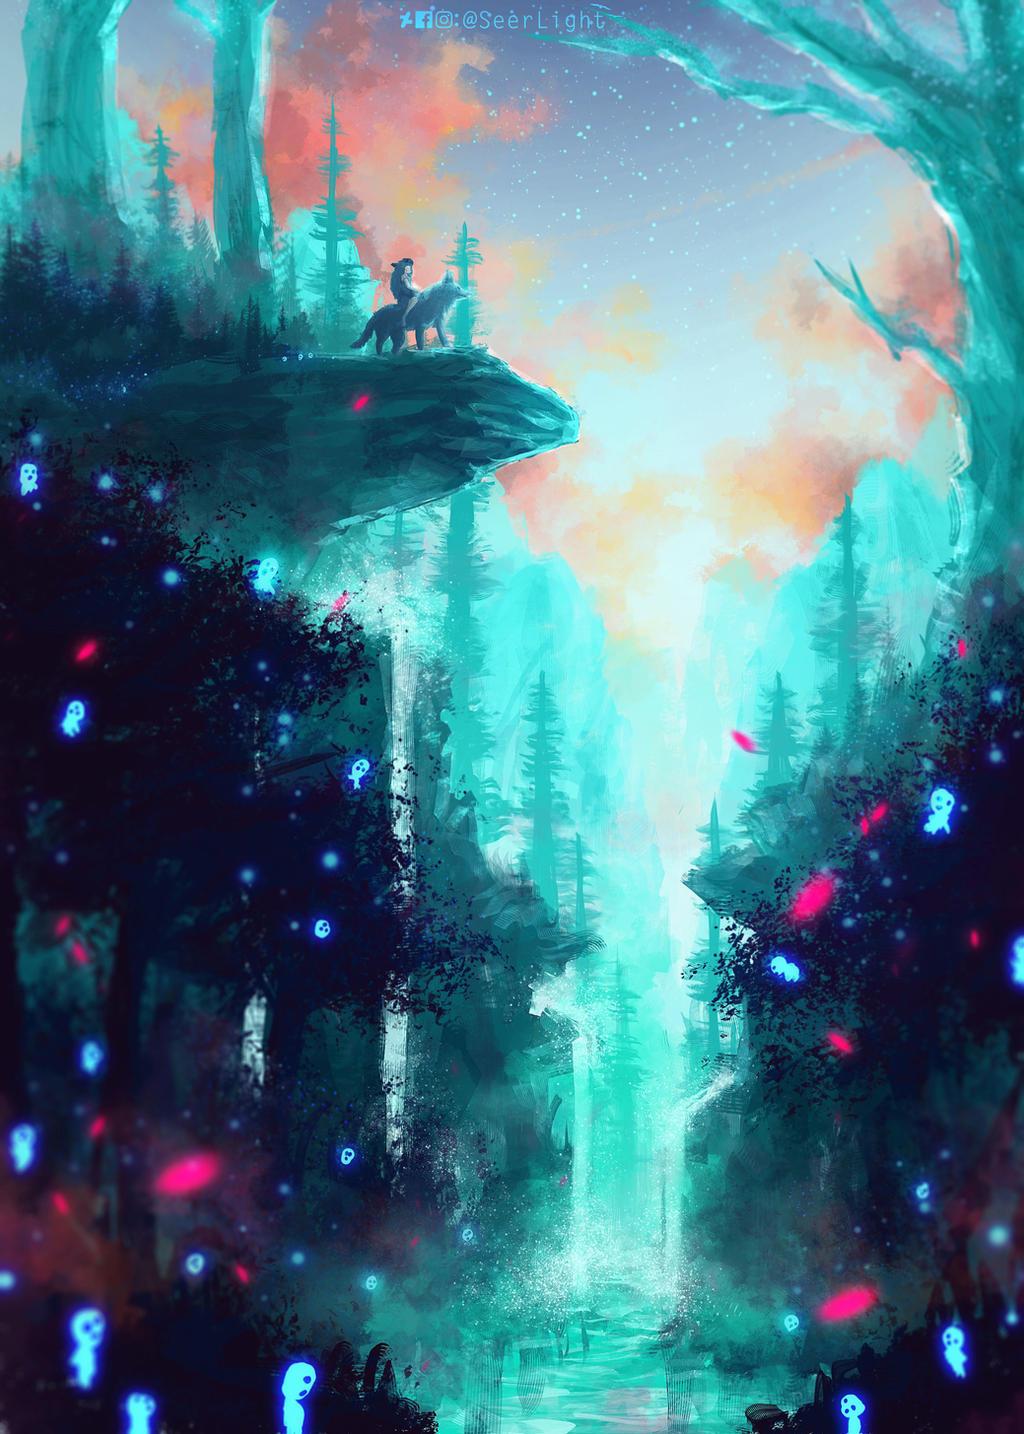 Mononoke Forest by SeerLight